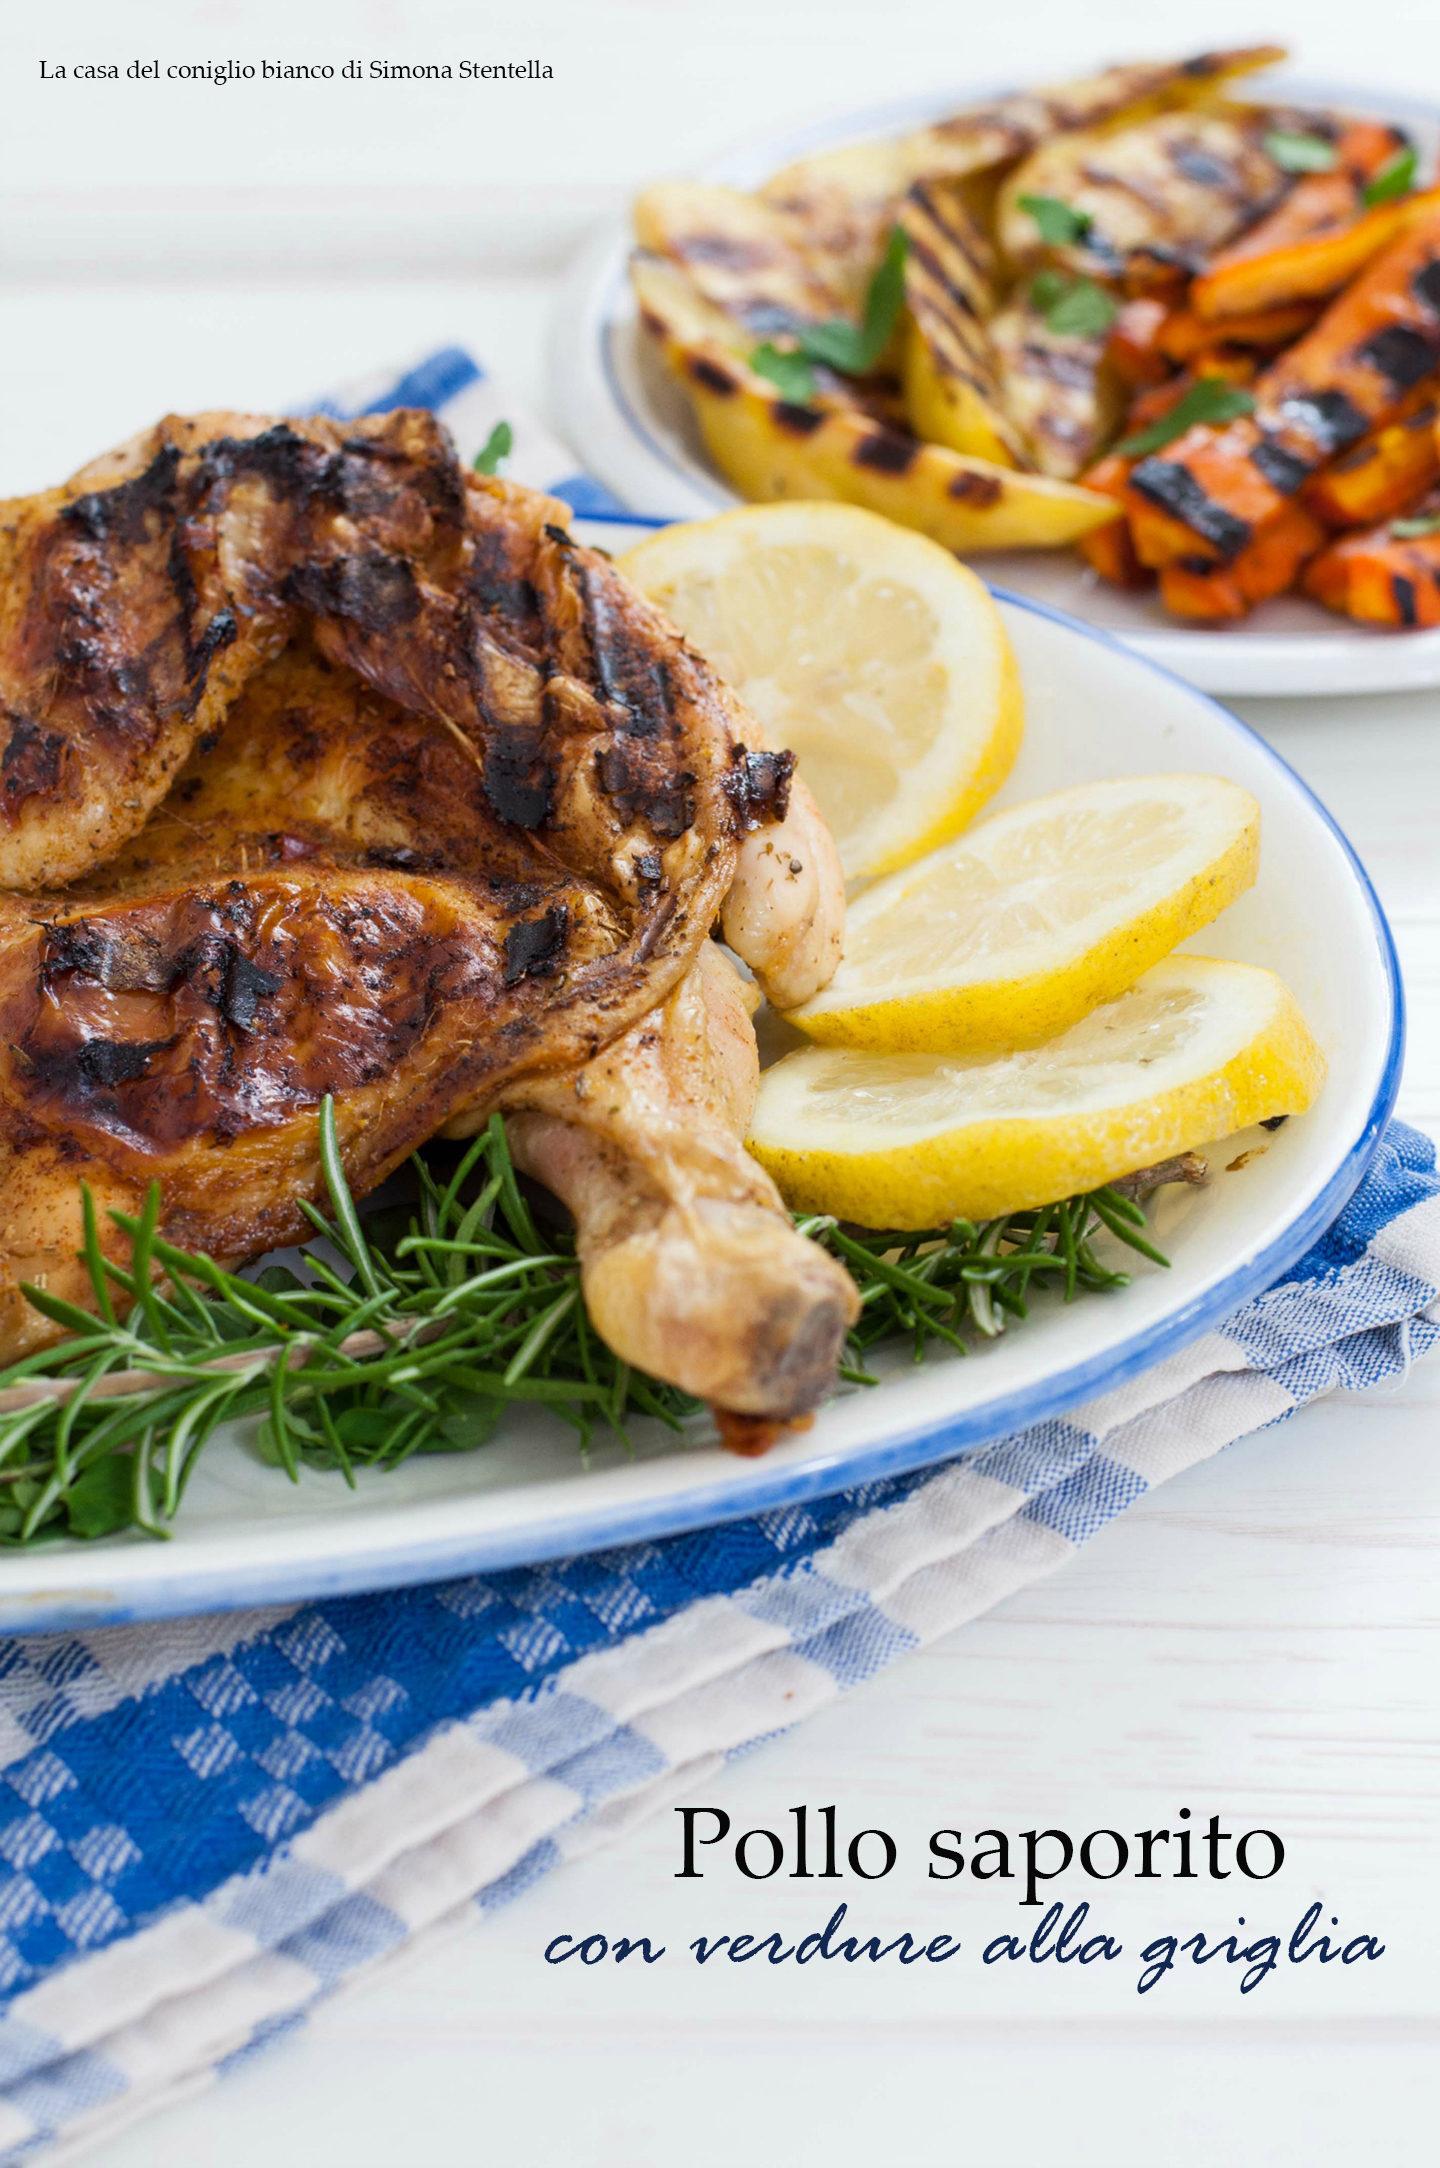 pollo saporito con verdure alla griglia